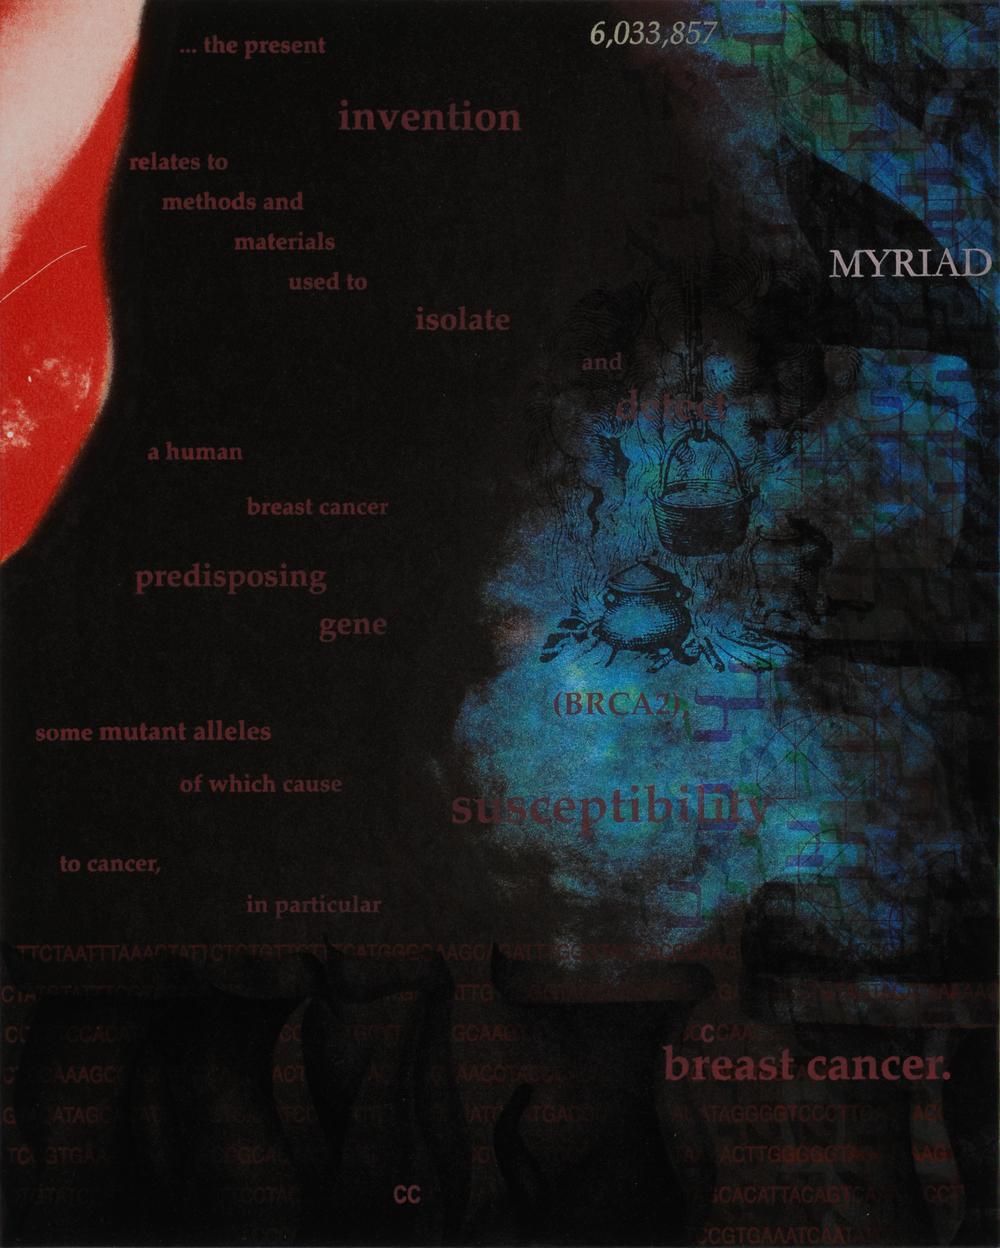 BRCA2: Myriad Susceptibilities 5C